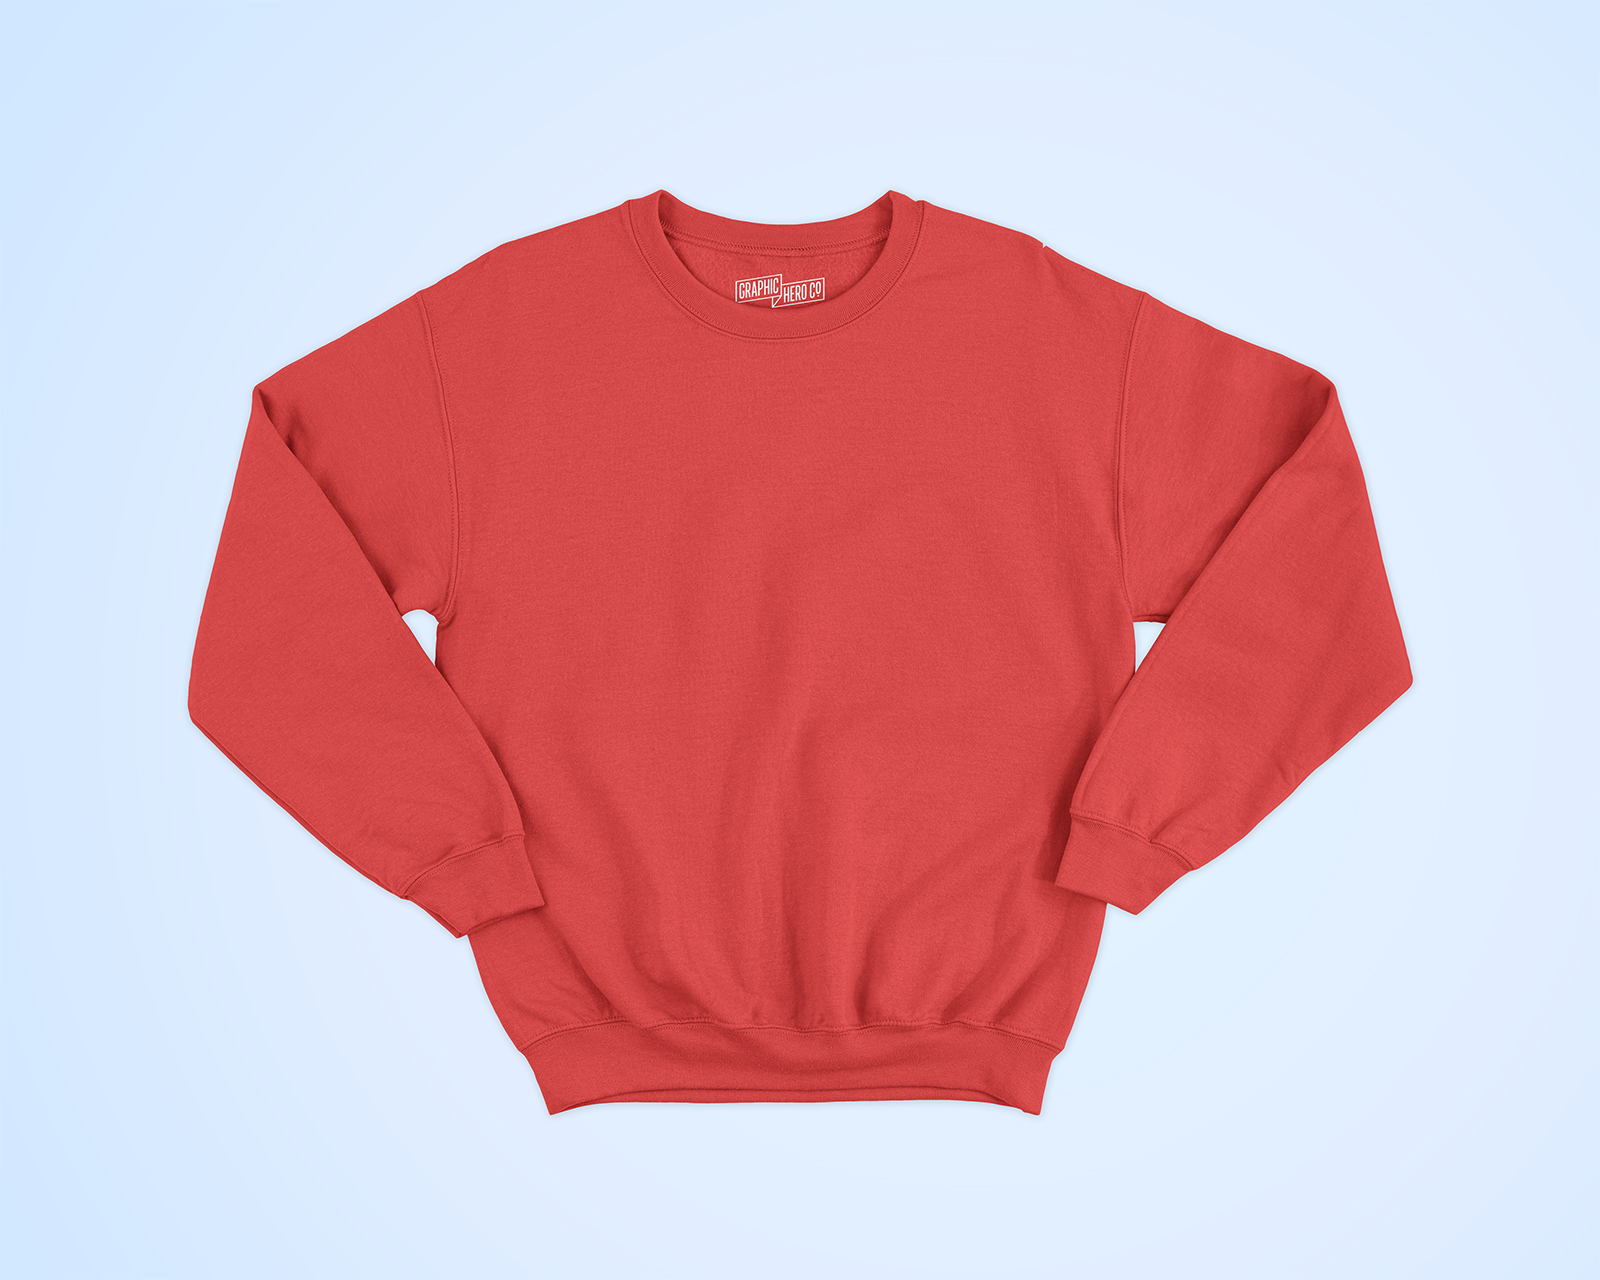 Crewneck Sweatshirt Mockups